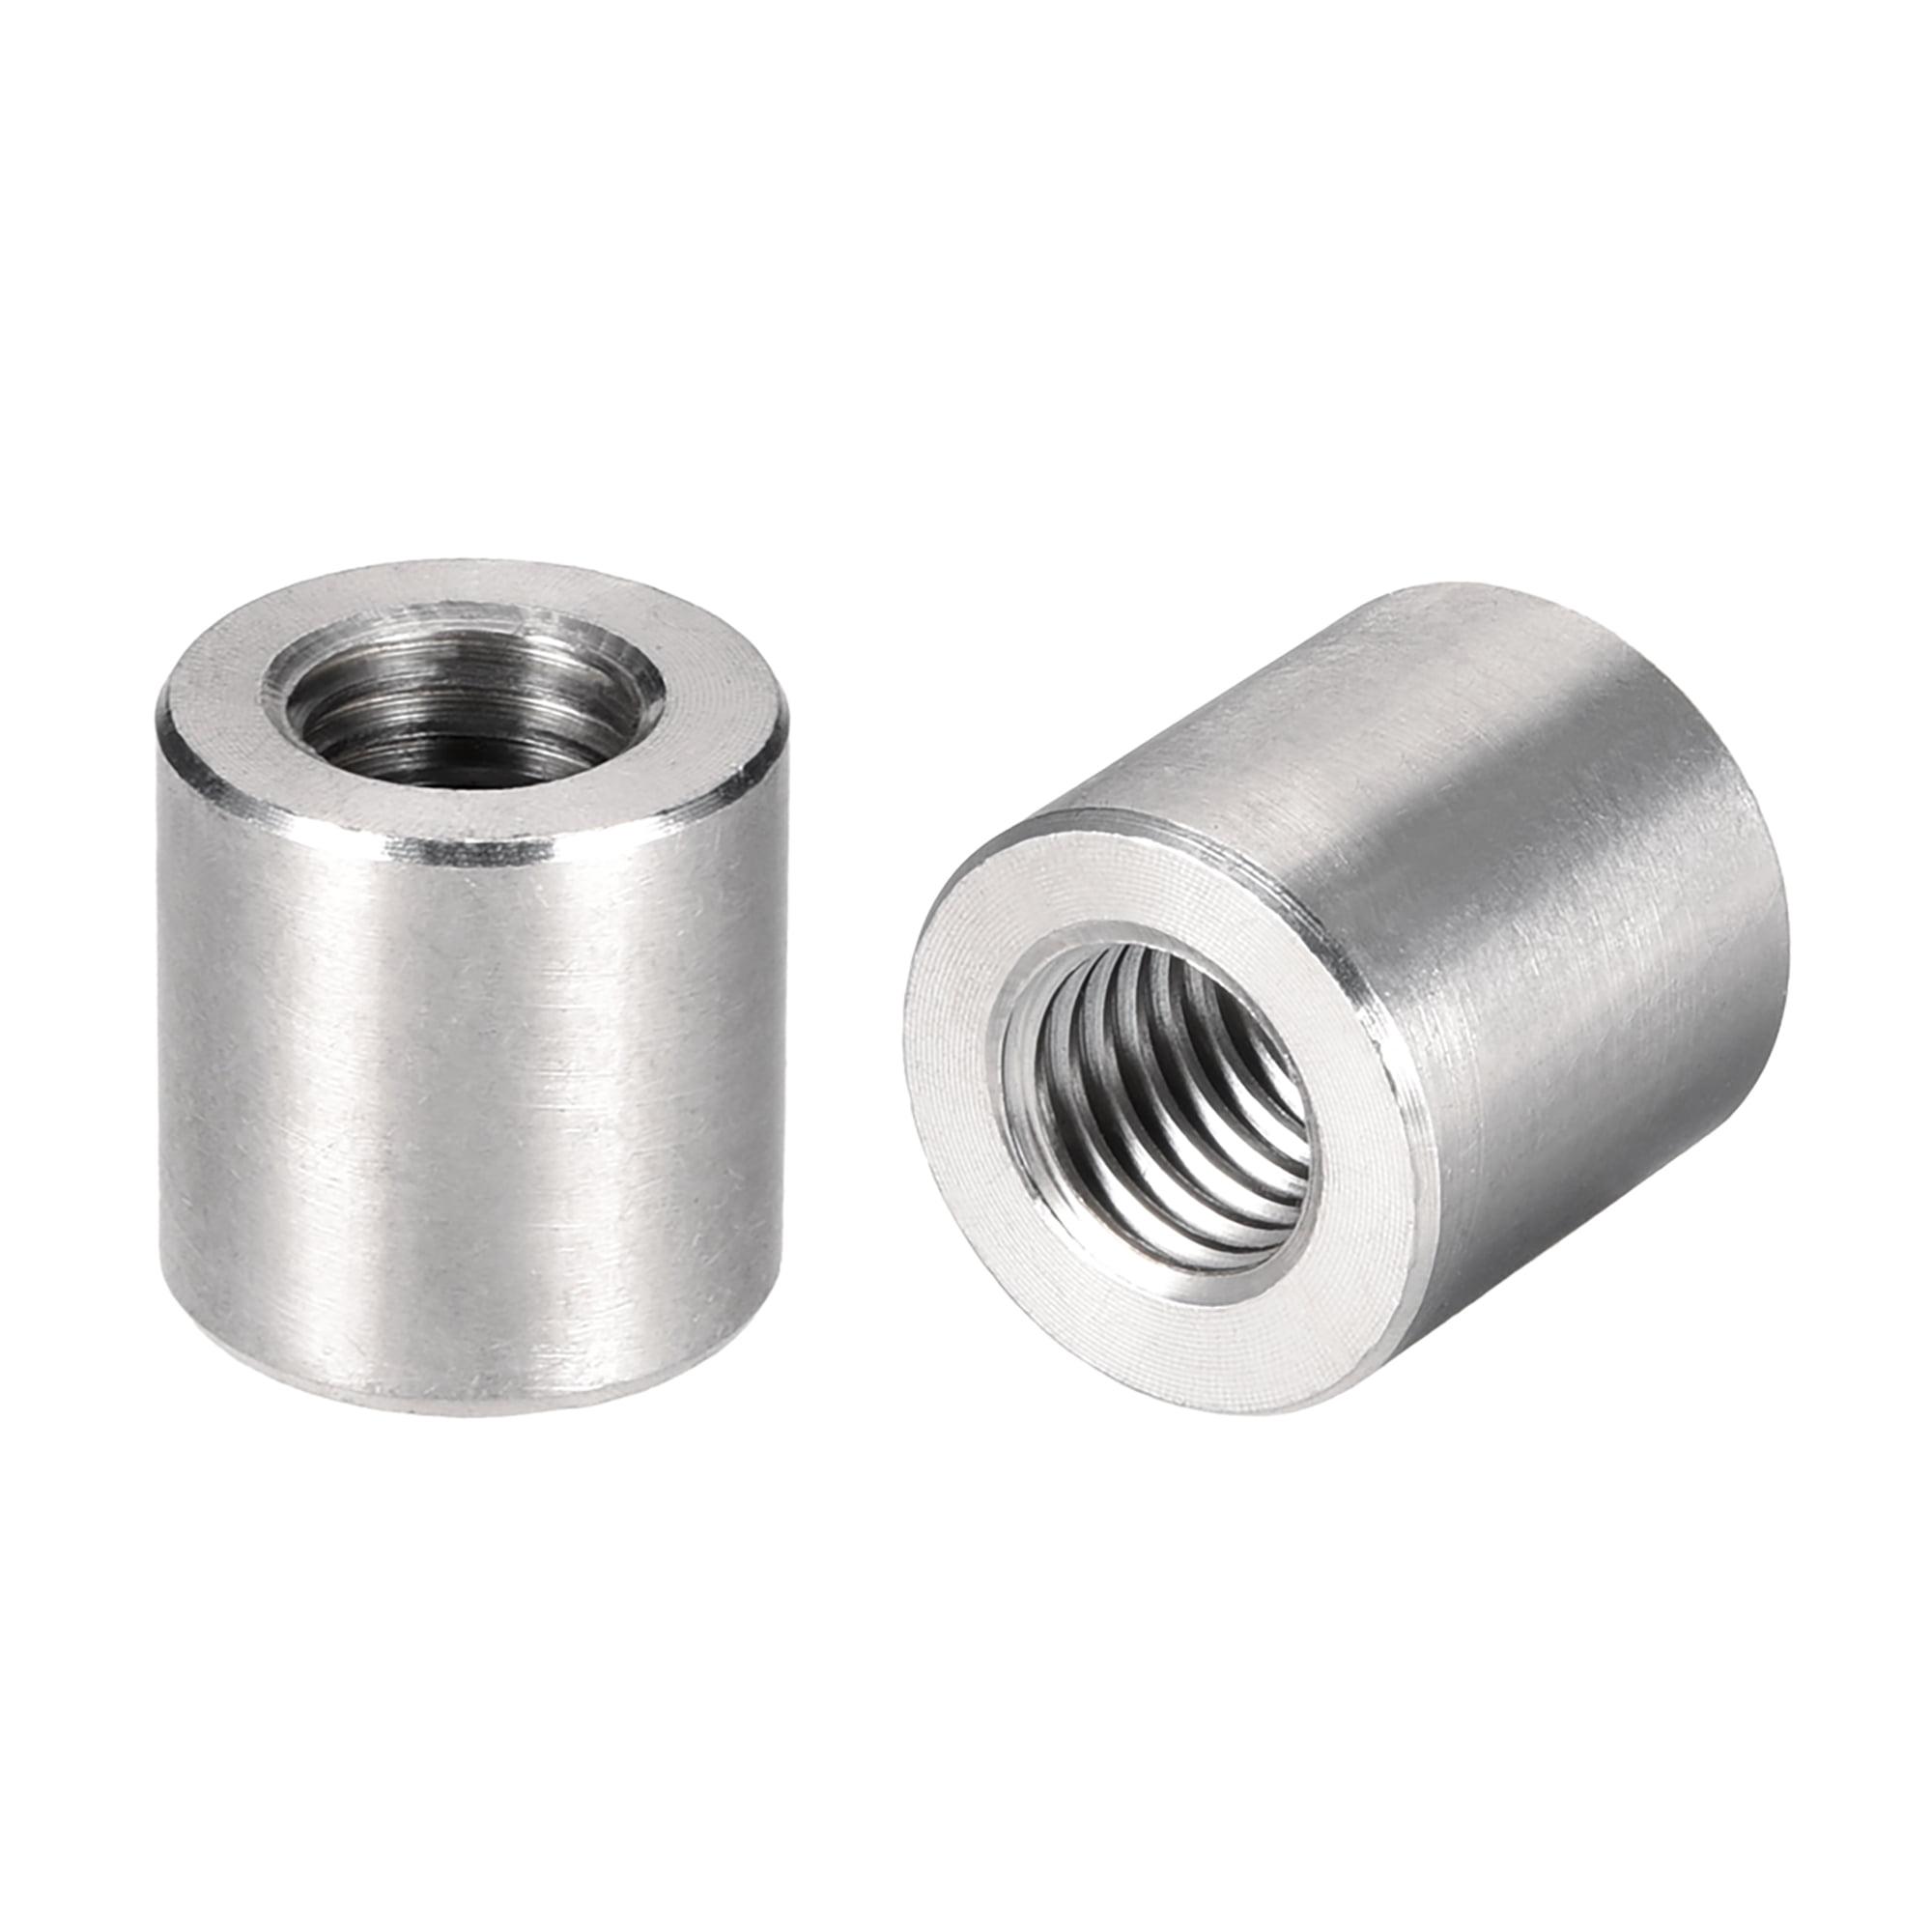 Hard-to-Find Fastener 014973473792 Grade 8 Fine Lock Nuts 5//8-18 Piece-25